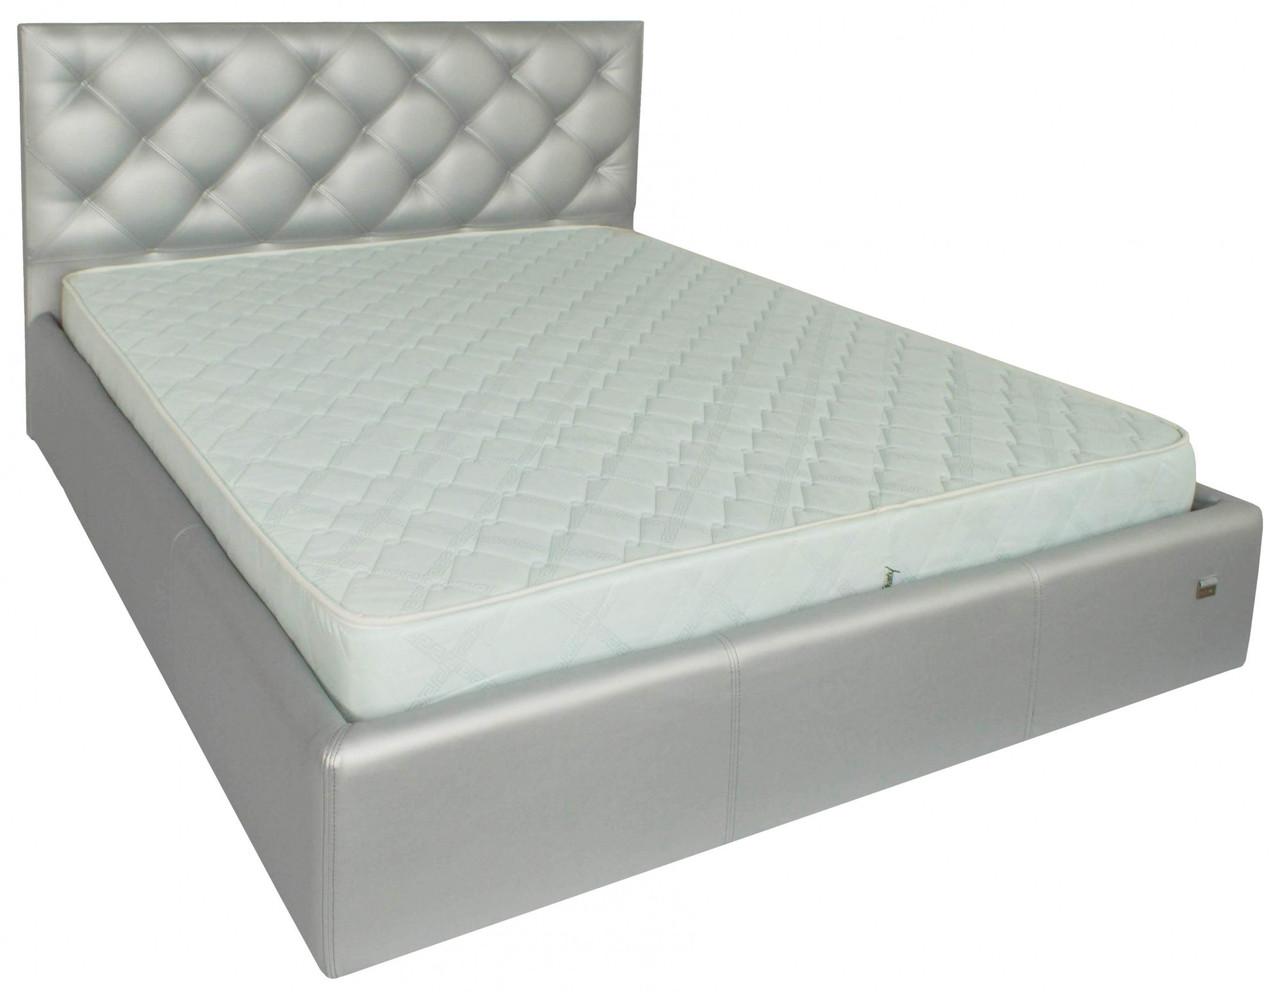 Ліжко Bristol VIP 120 х 190 см Zeus Deluxe Silver З додатковою металевою рамою суцільнозварний